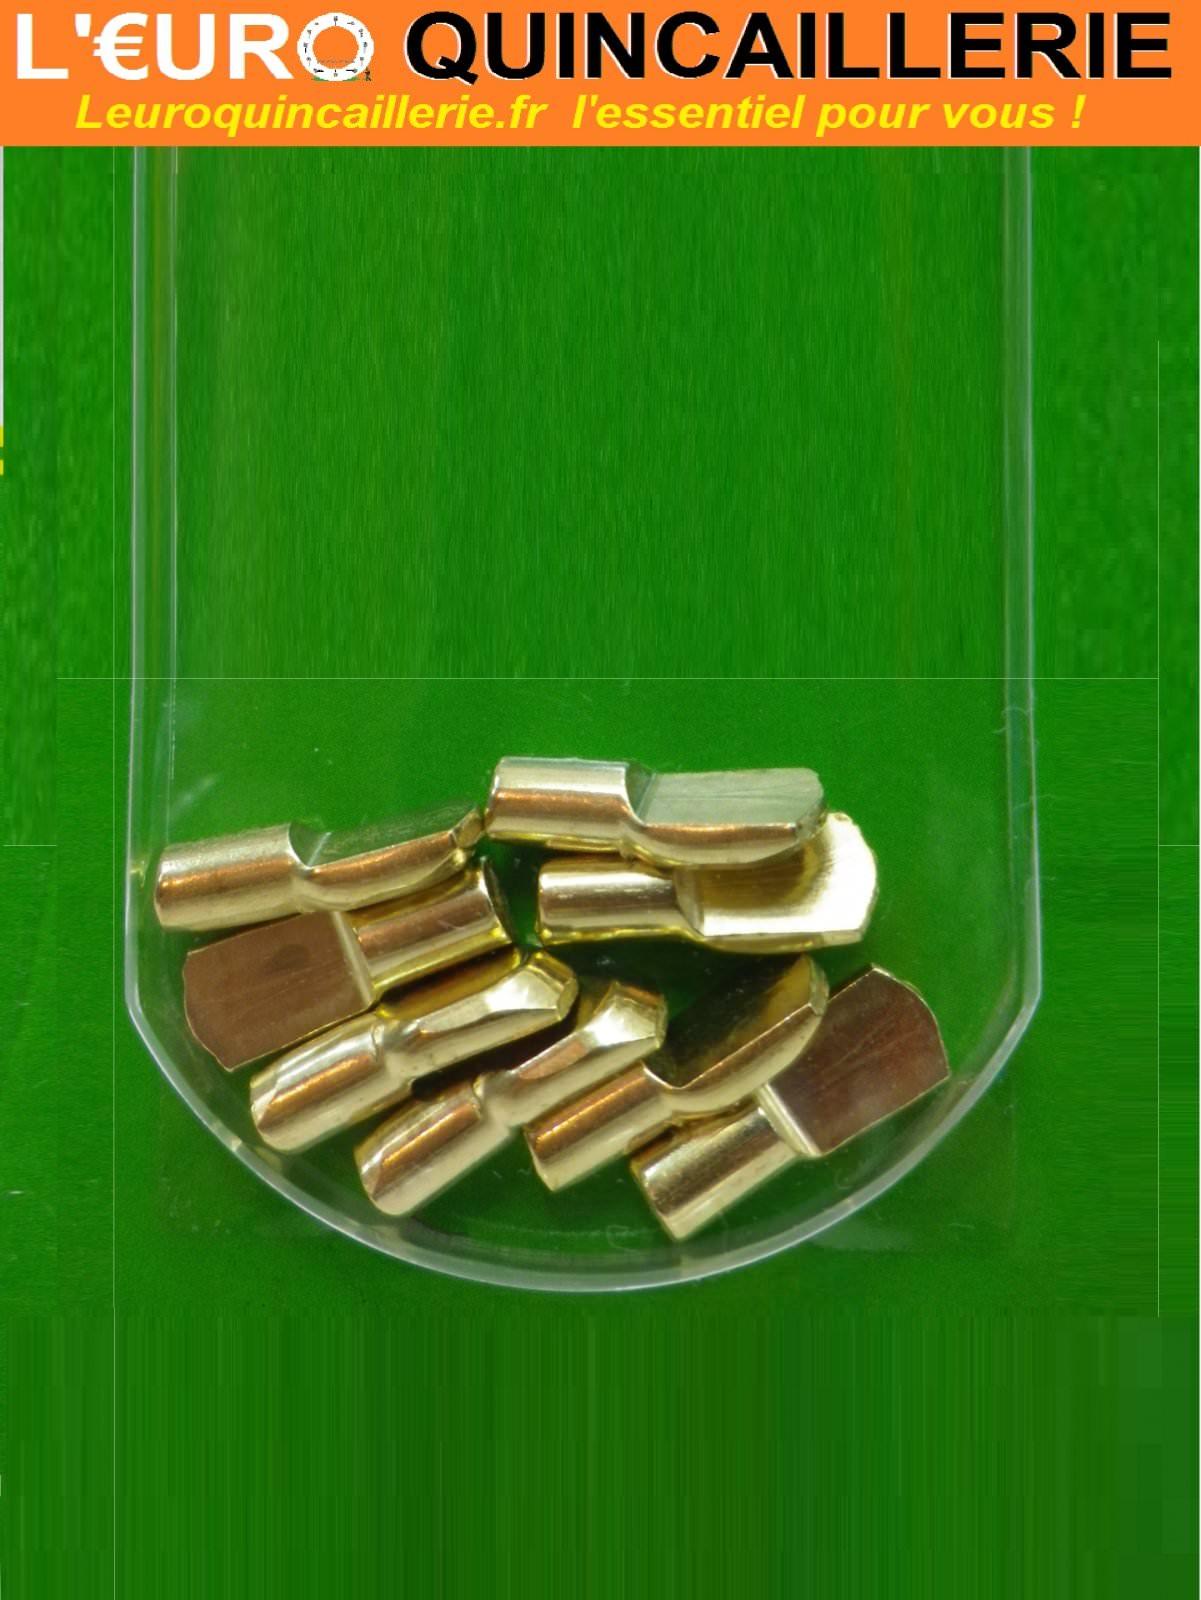 8 Taquets d'étagère D. 6mm